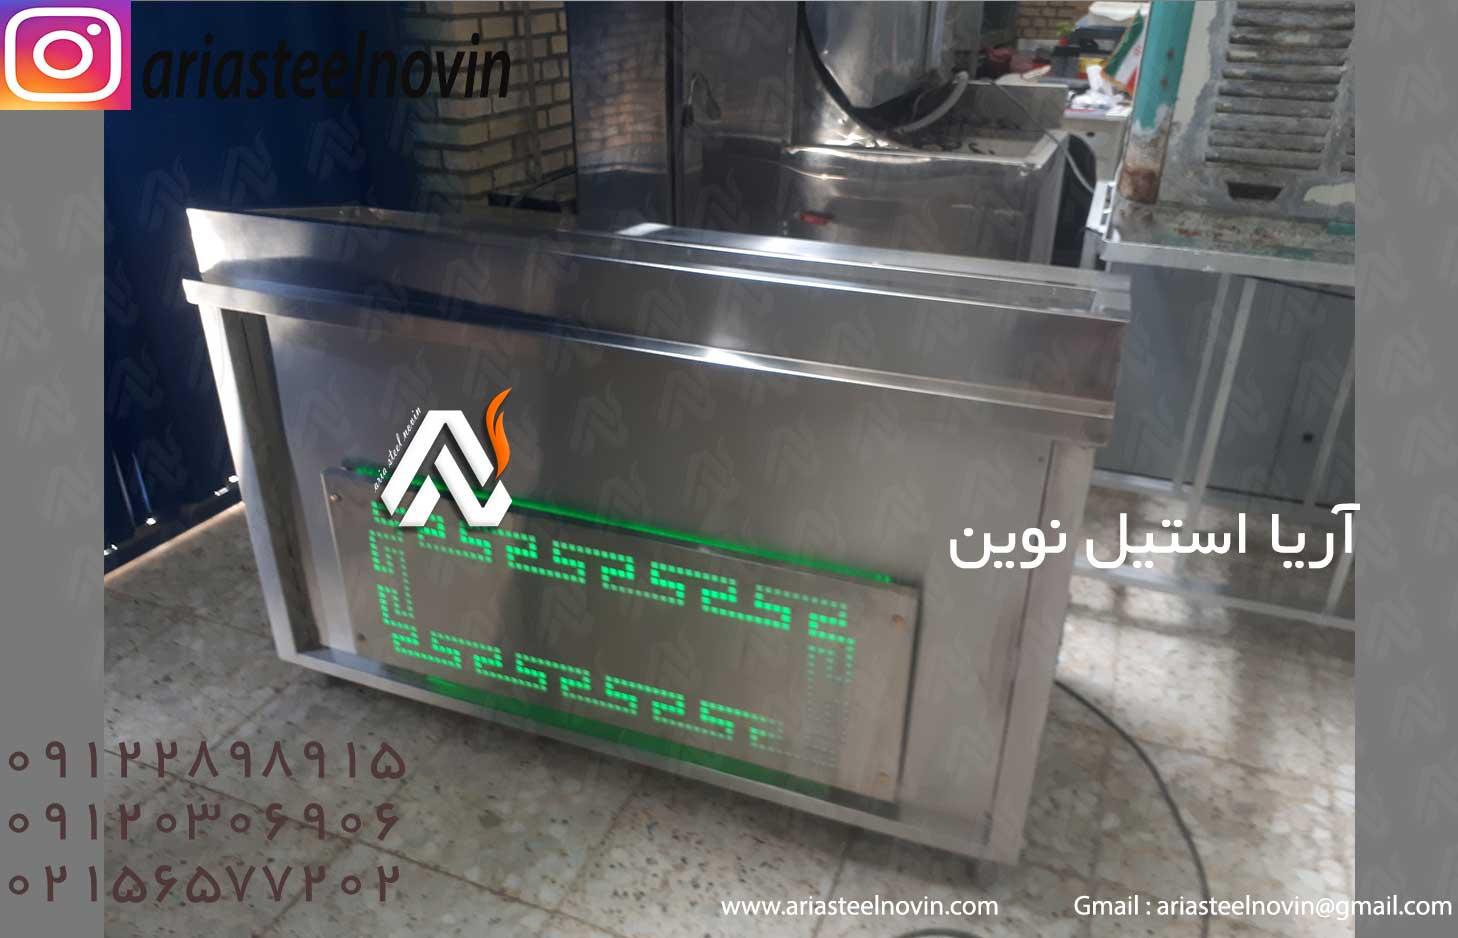 تاپینگ-سرد-ساندویچ- | تجهیزات آشپزخانه صنعتی|تجهیزات فست فود